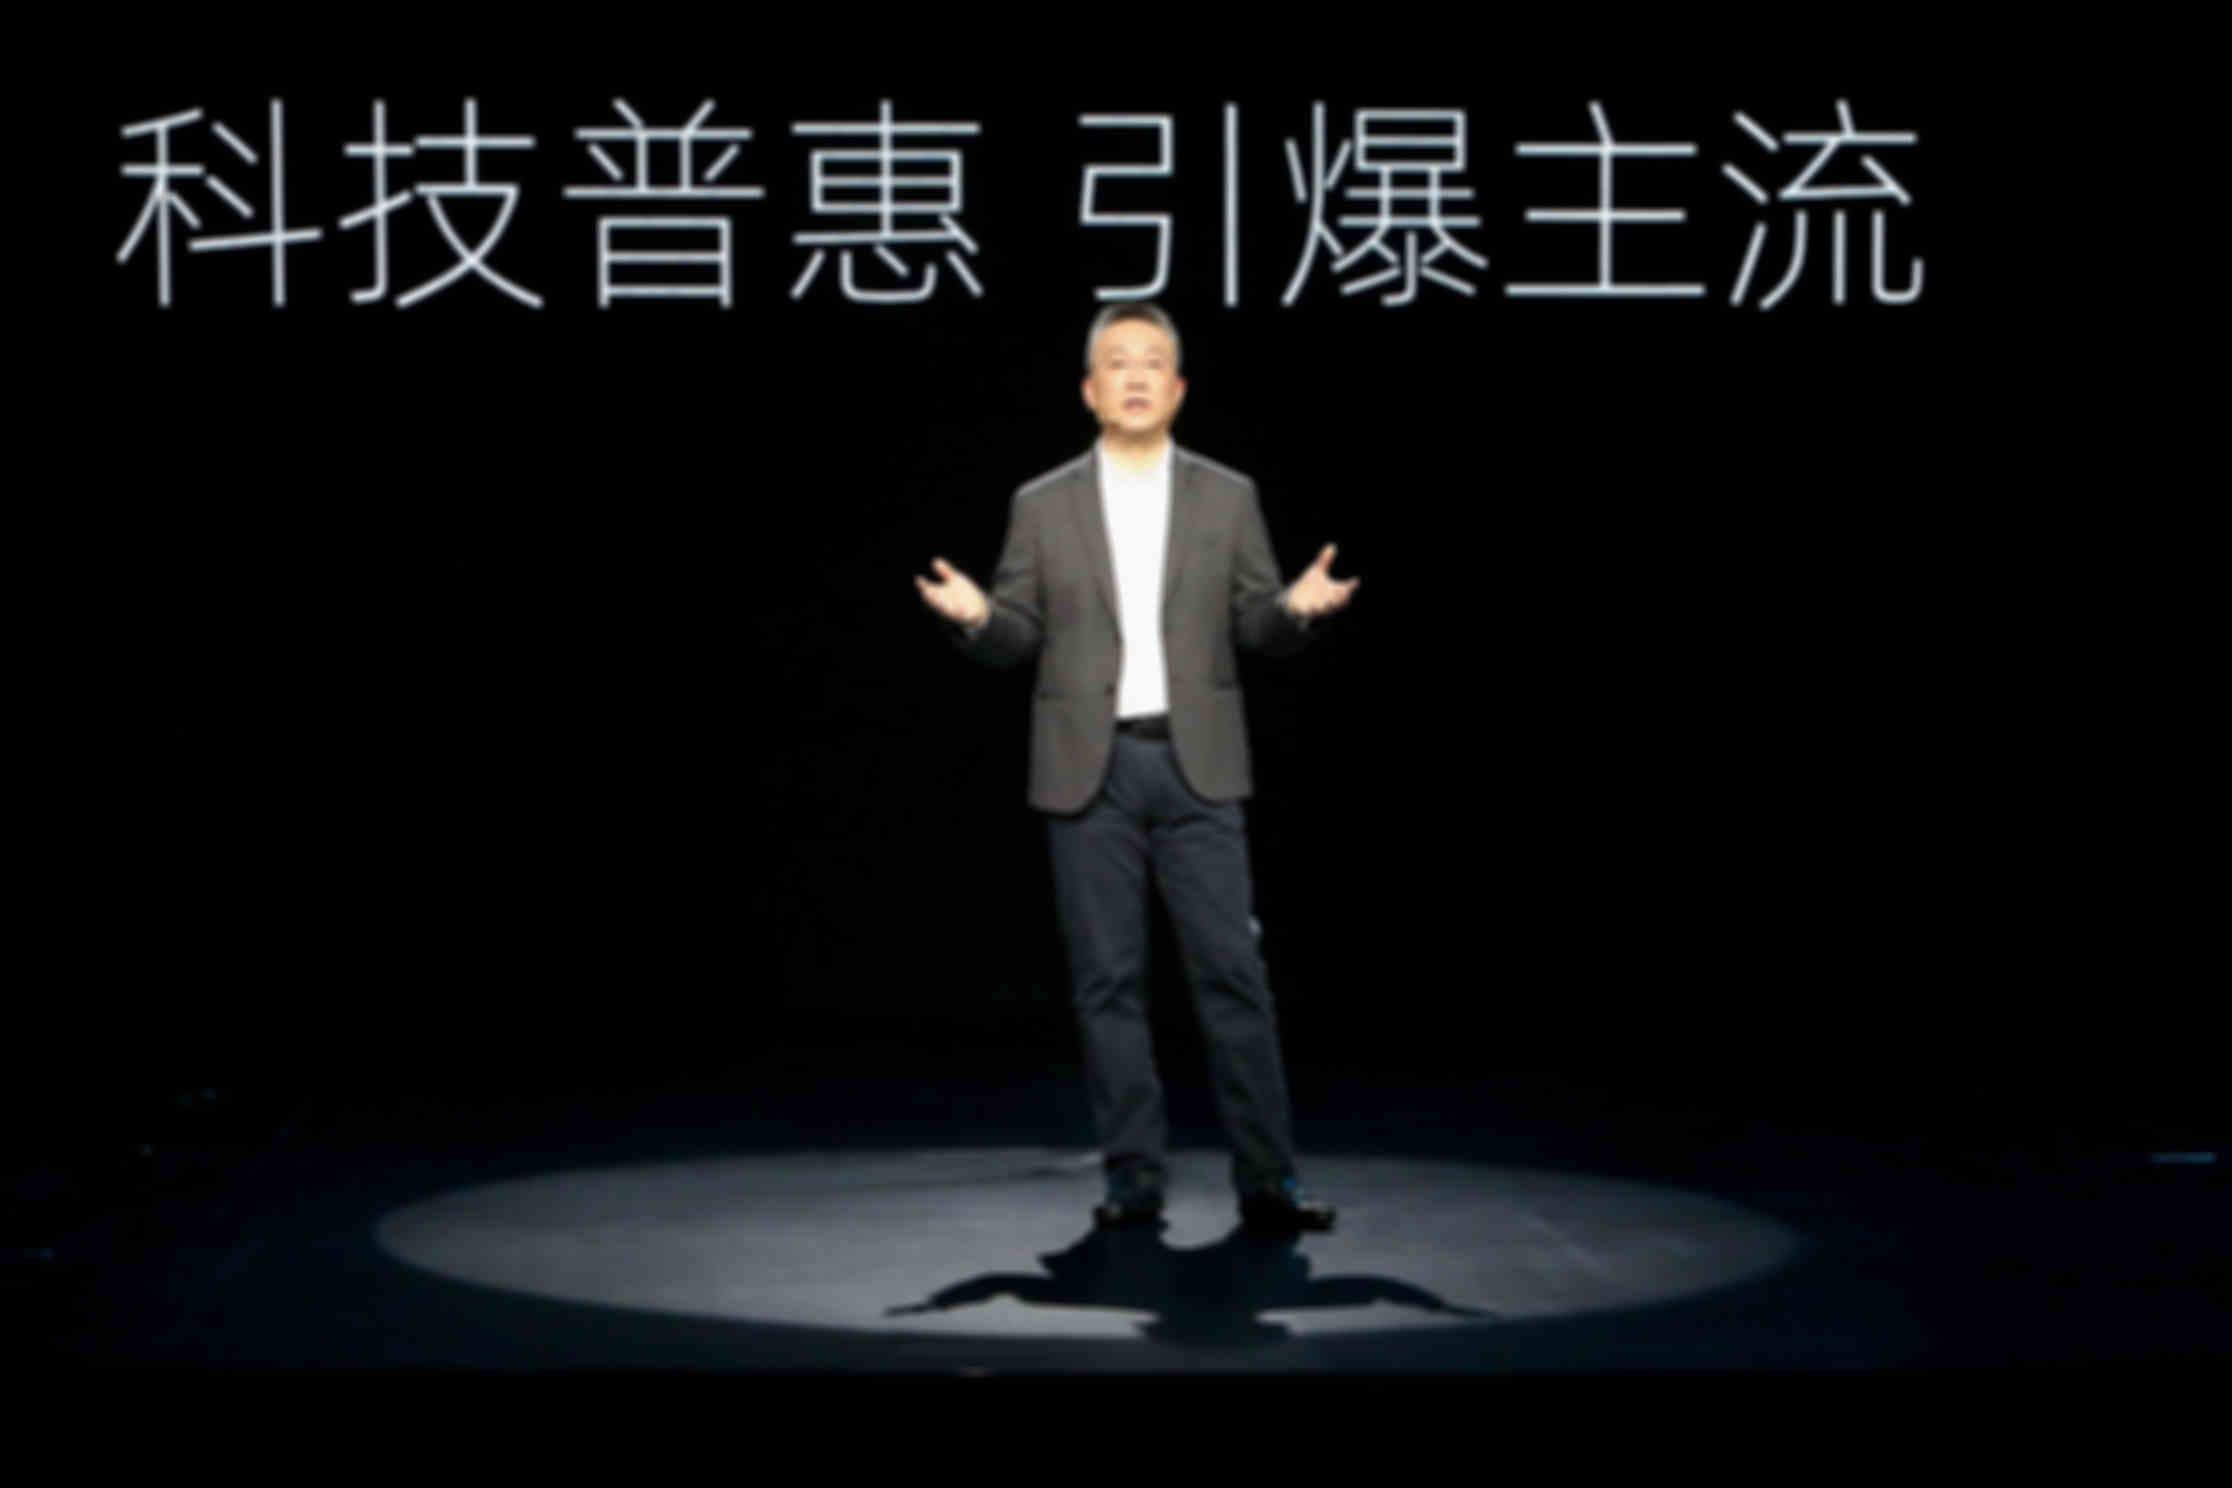 威馬汽車創始人、董事長兼CEO沈暉